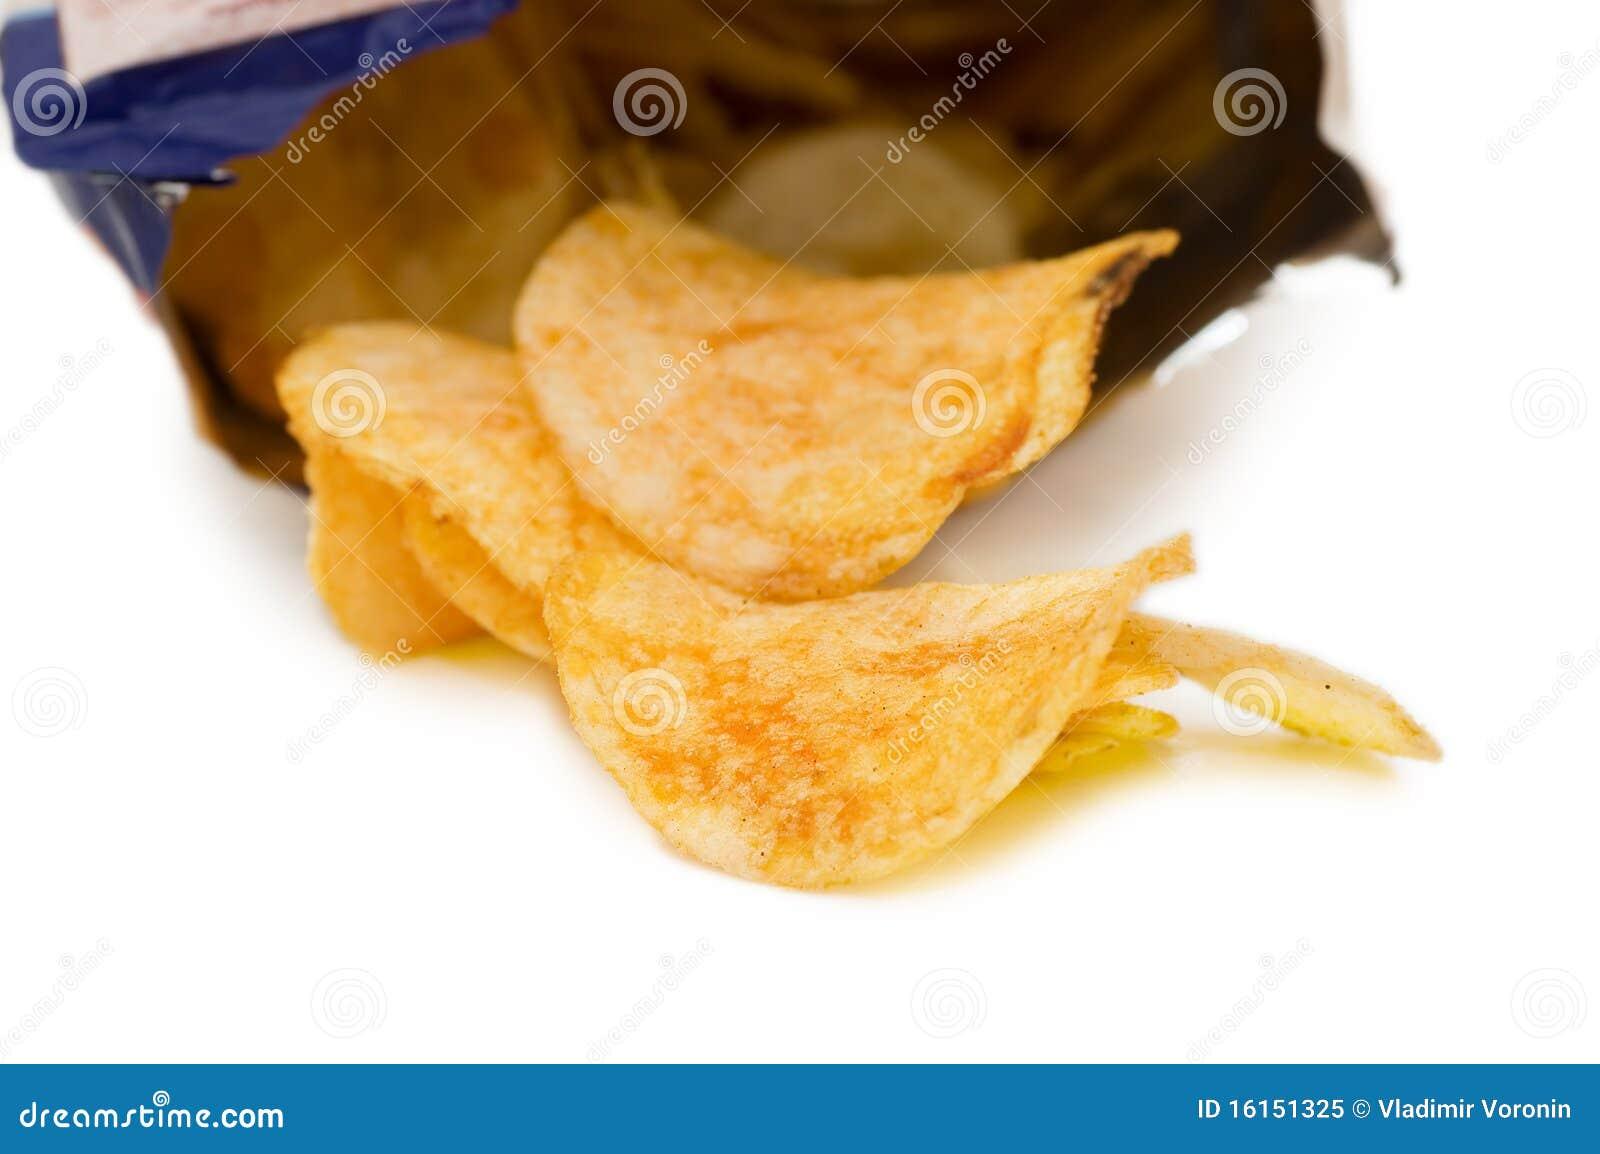 Beutel der Kartoffelchips, getrennt auf Weiß